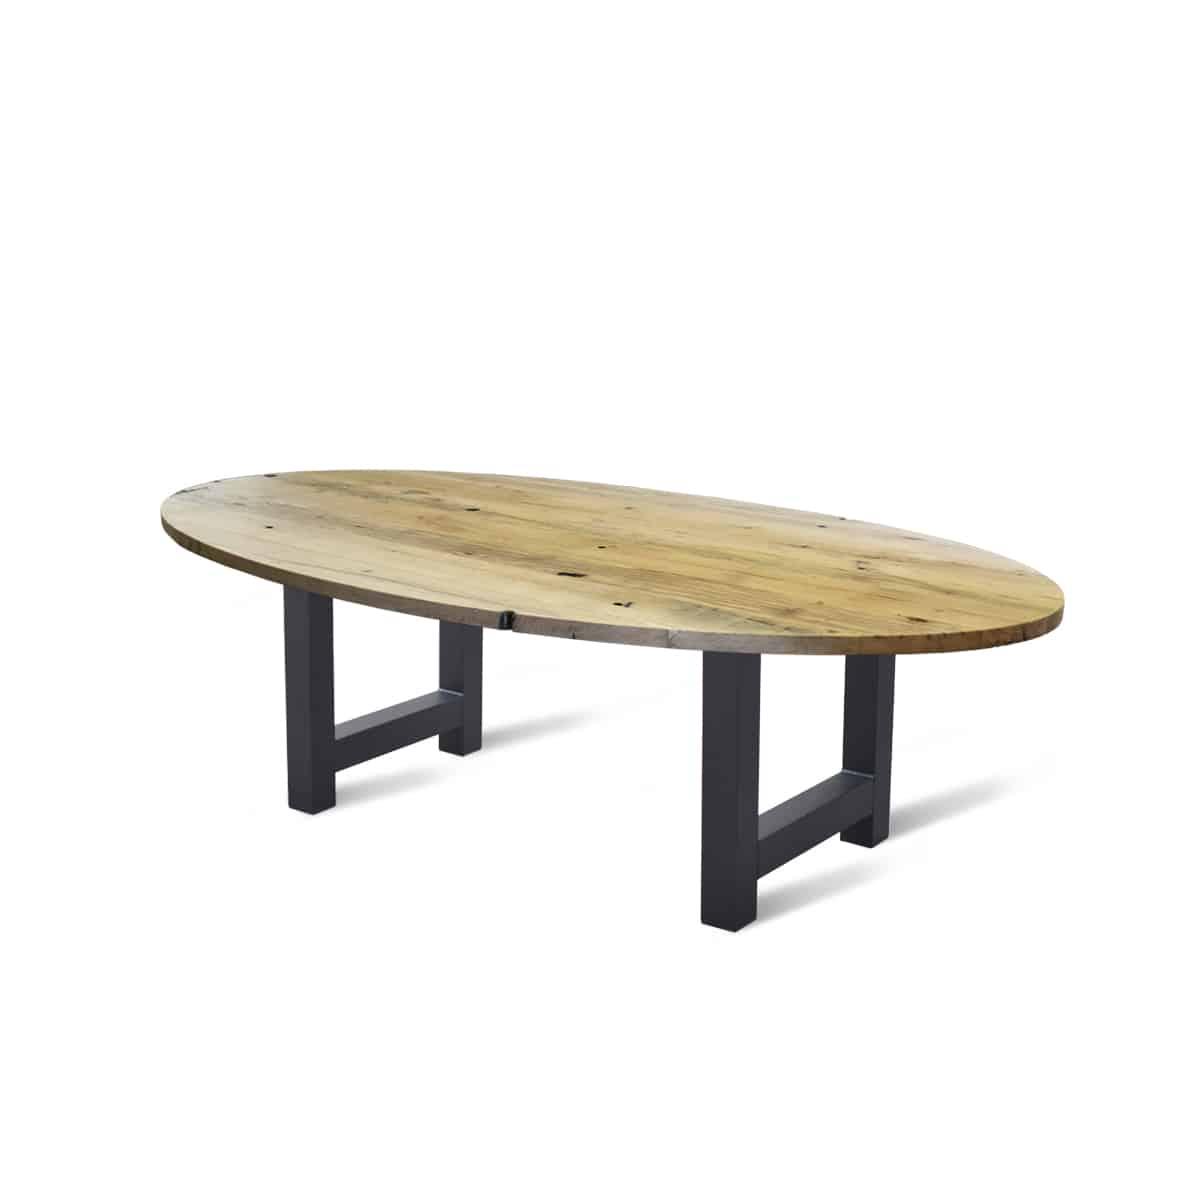 Massief eiken houten wagonhout eetkamer tafel eettafel keuken meubelmaker friesland rustiek geleefd